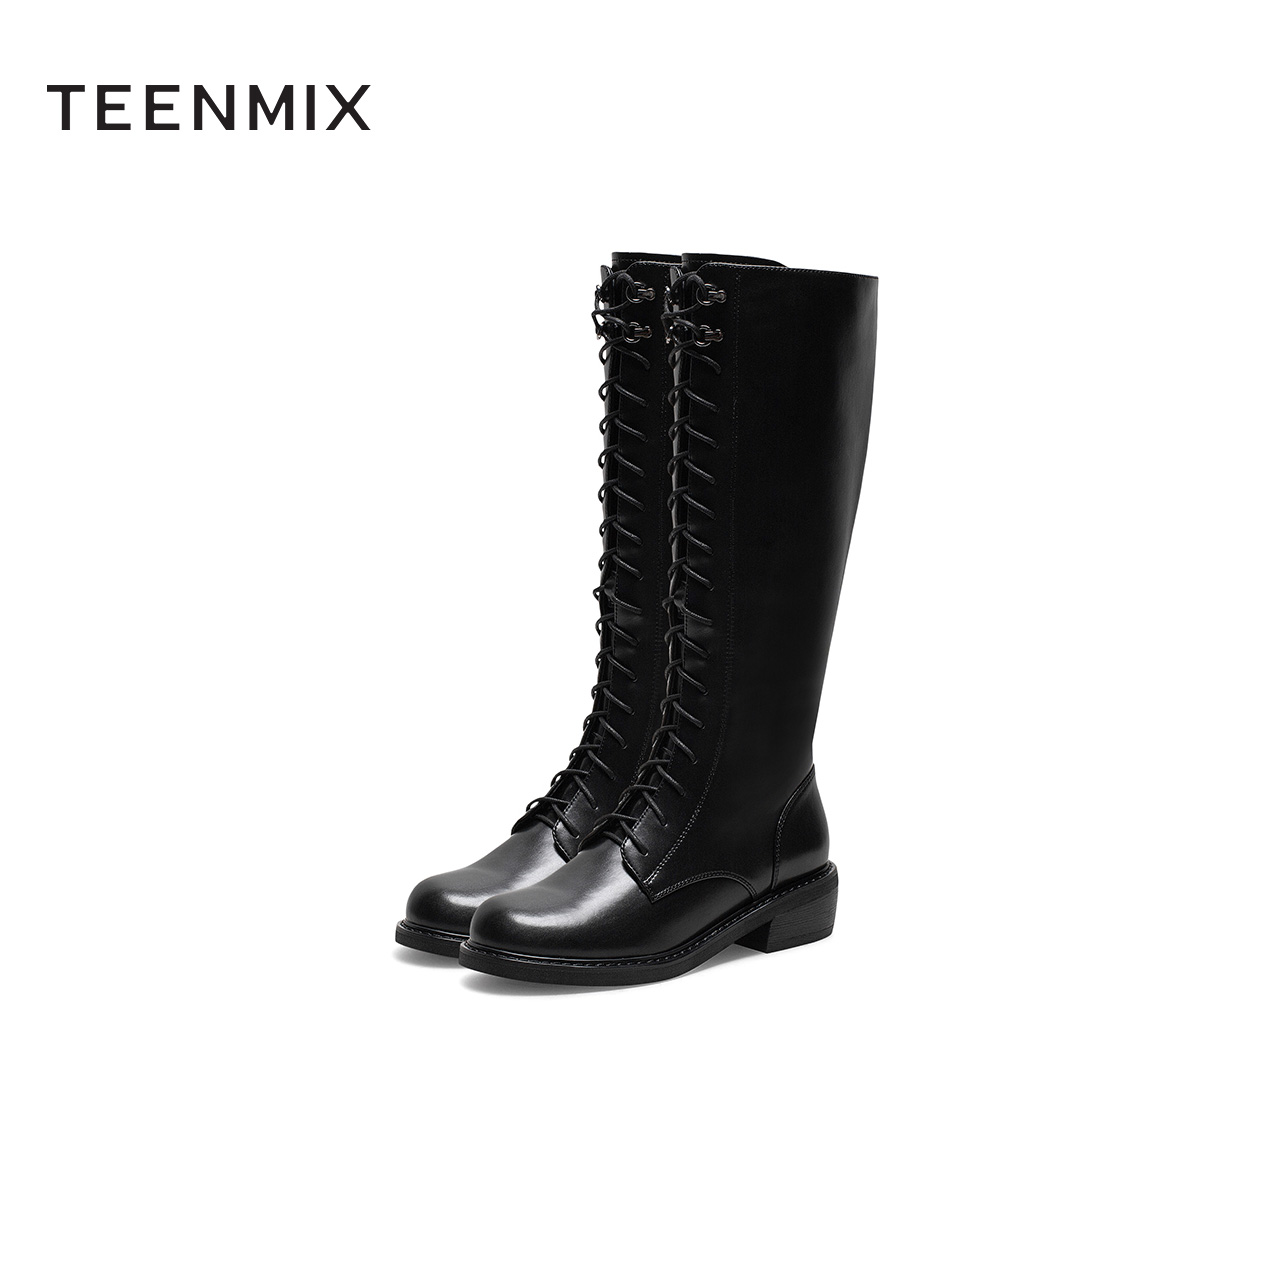 6OE80DG0 冬长筒皮靴商场同款预 2020 谭松韵同款天美意高筒骑士靴女